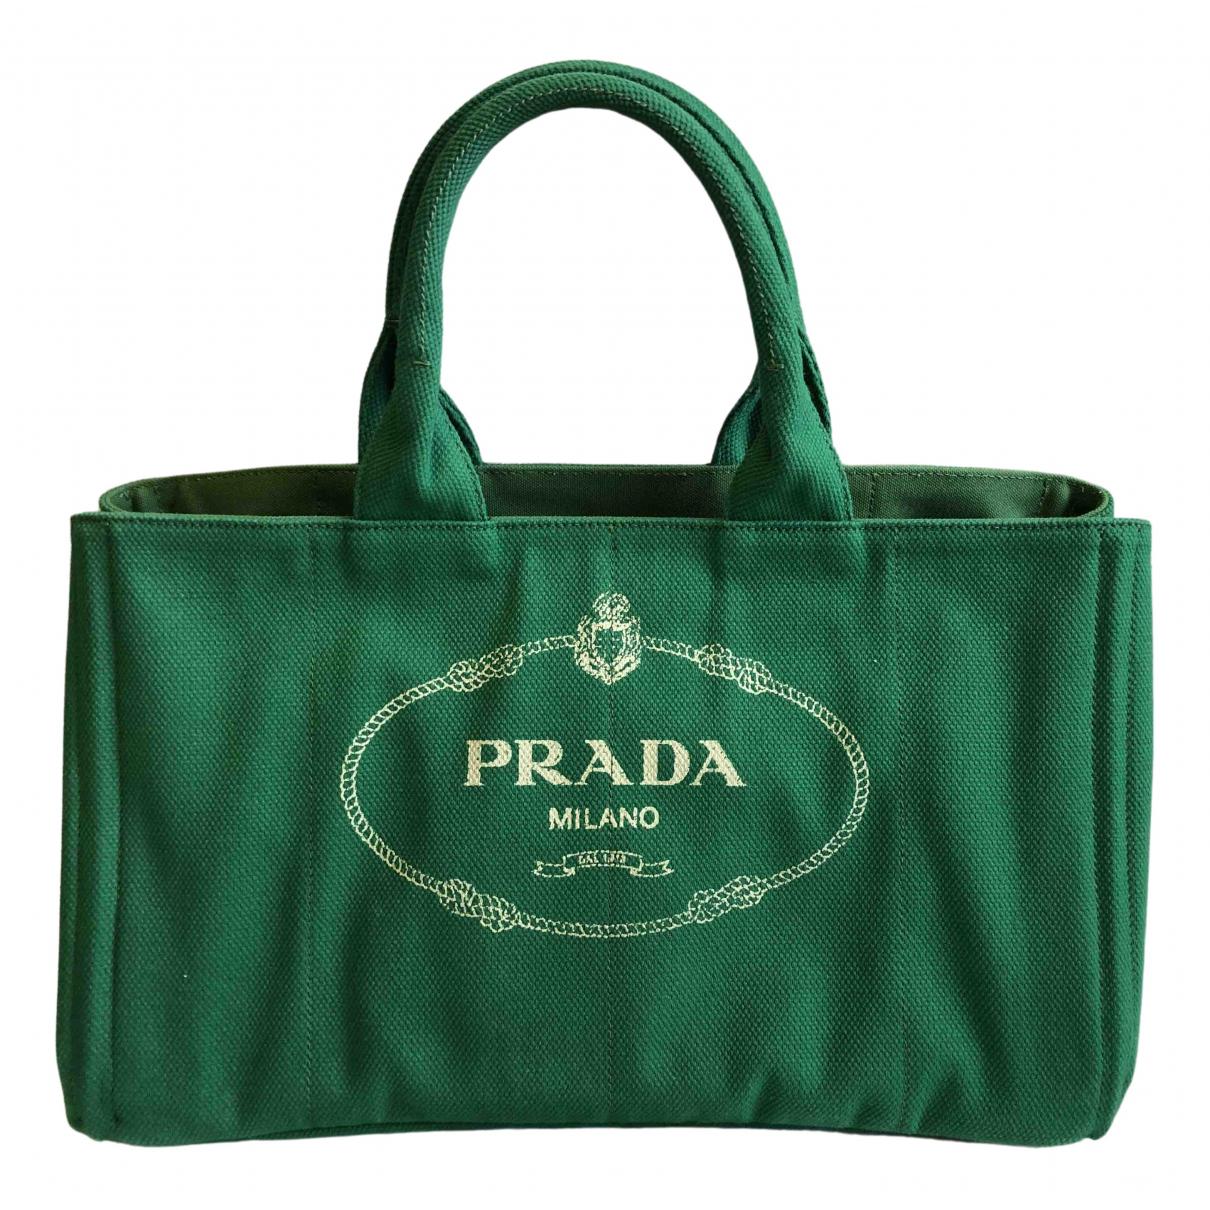 Prada - Sac a main   pour femme en toile - vert